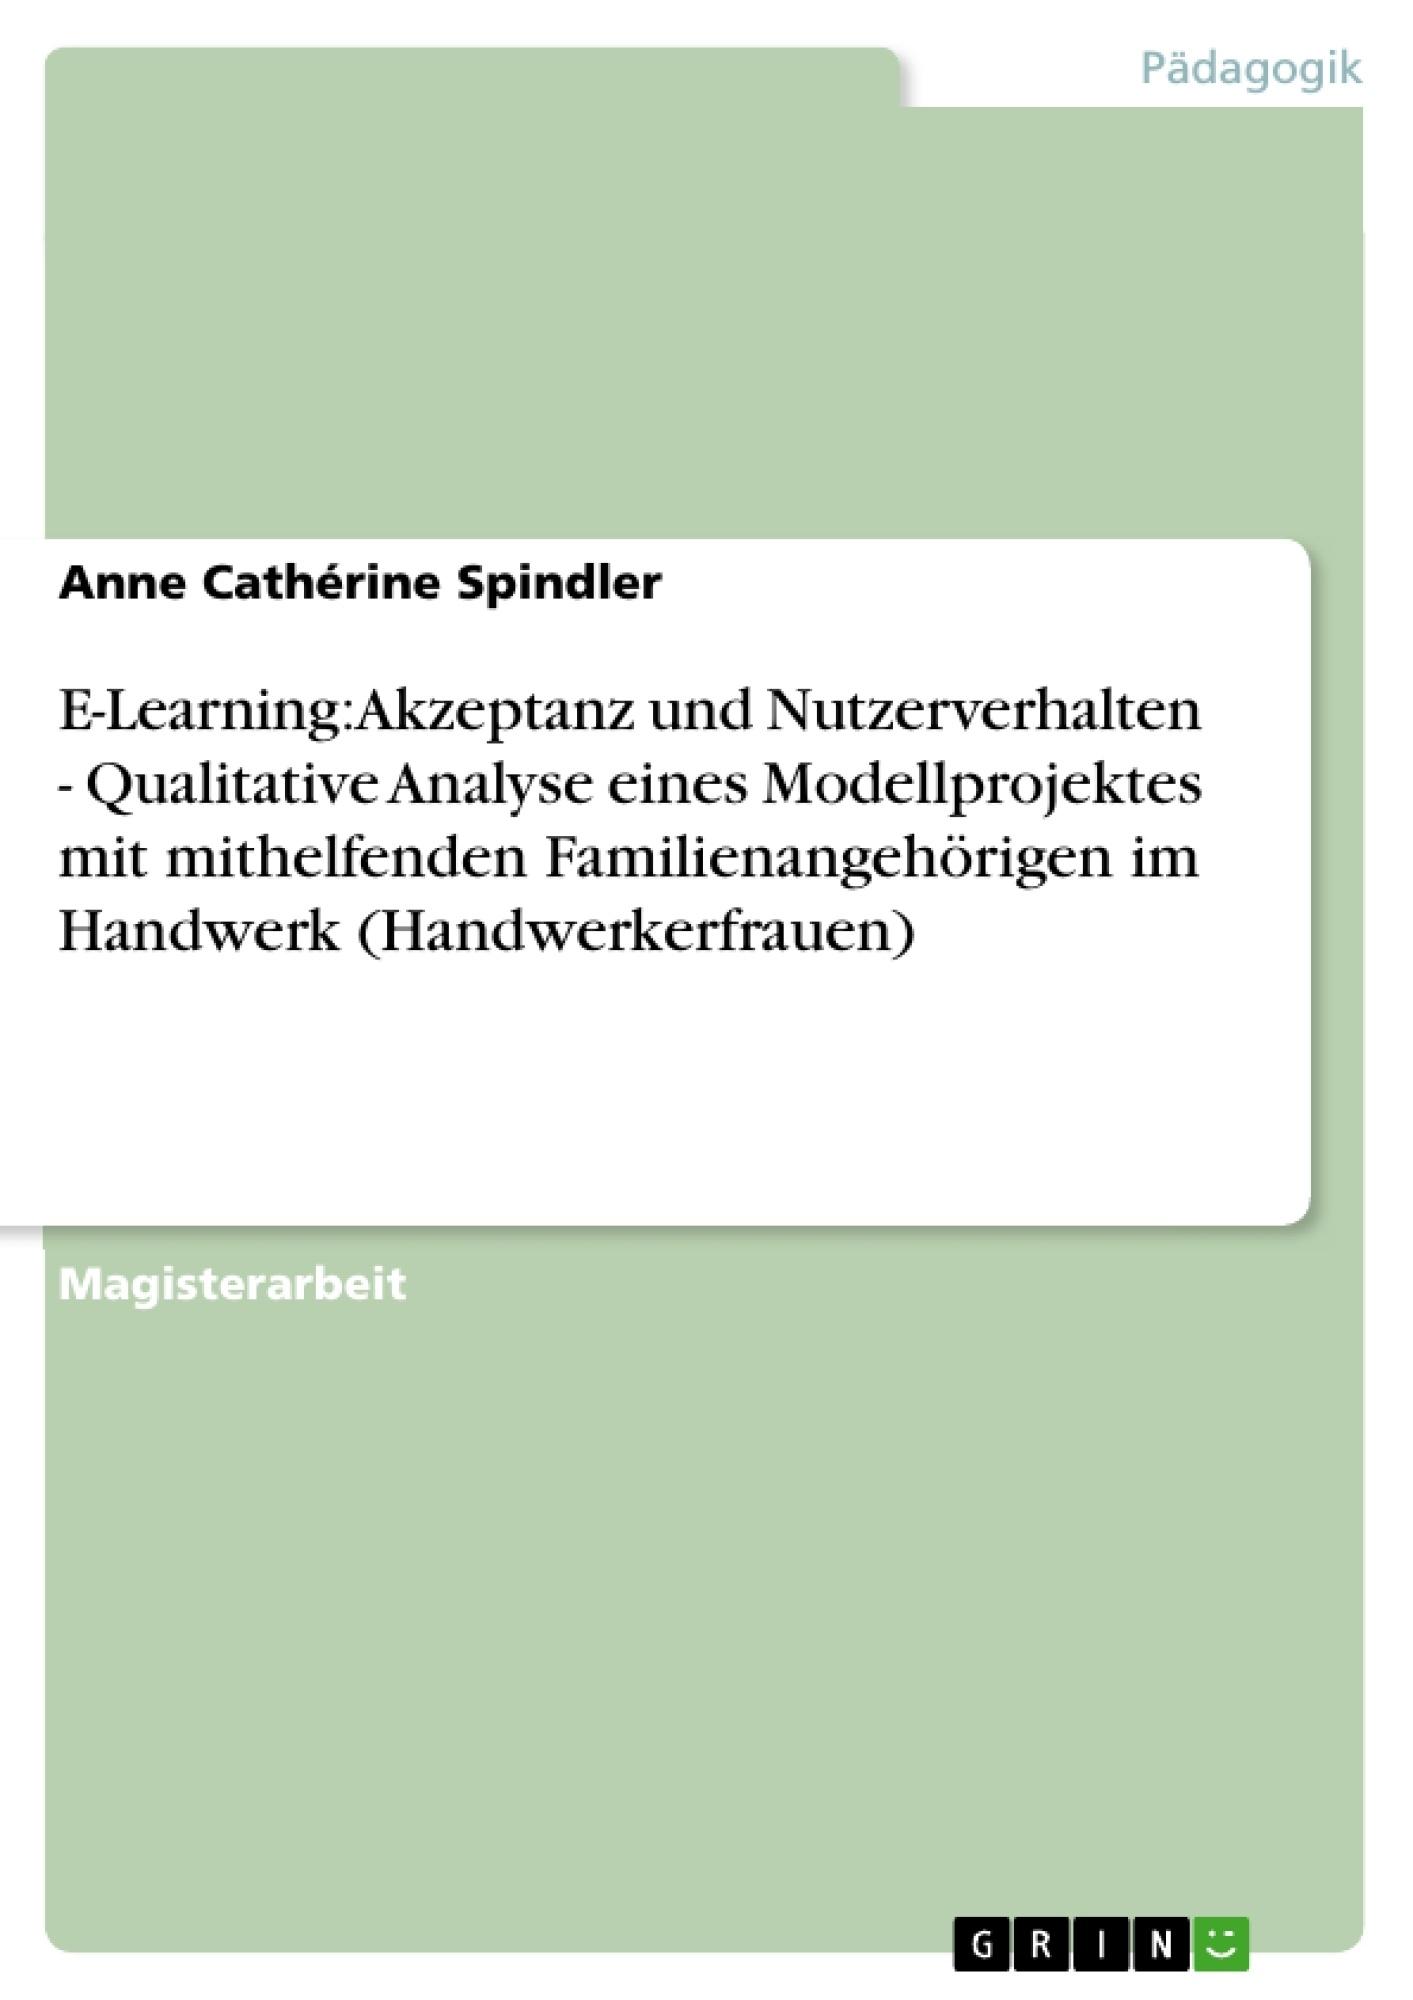 Titel: E-Learning: Akzeptanz und Nutzerverhalten - Qualitative Analyse eines Modellprojektes mit mithelfenden Familienangehörigen im Handwerk (Handwerkerfrauen)